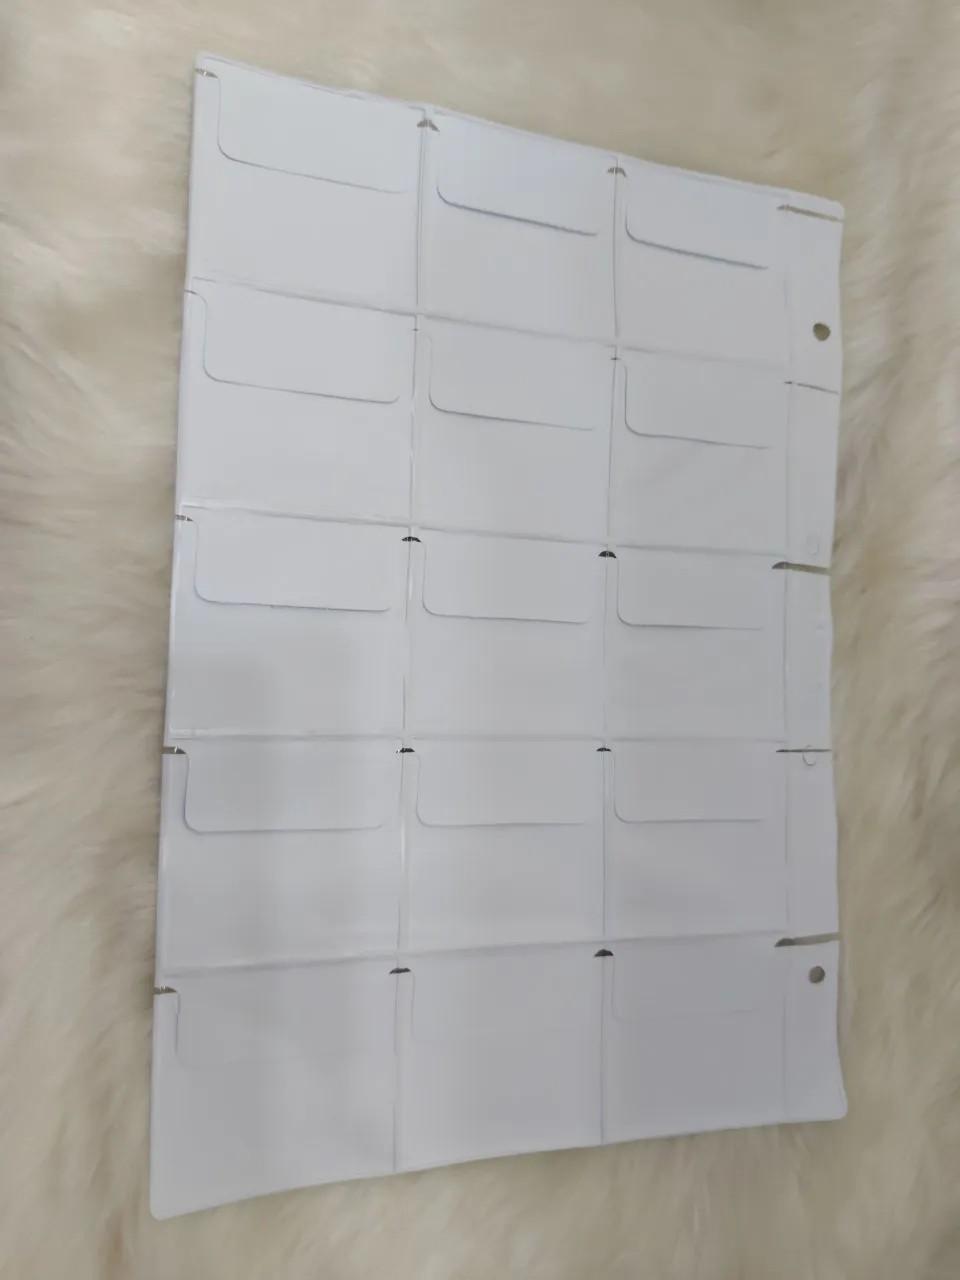 Folha plástica com 15 divisões